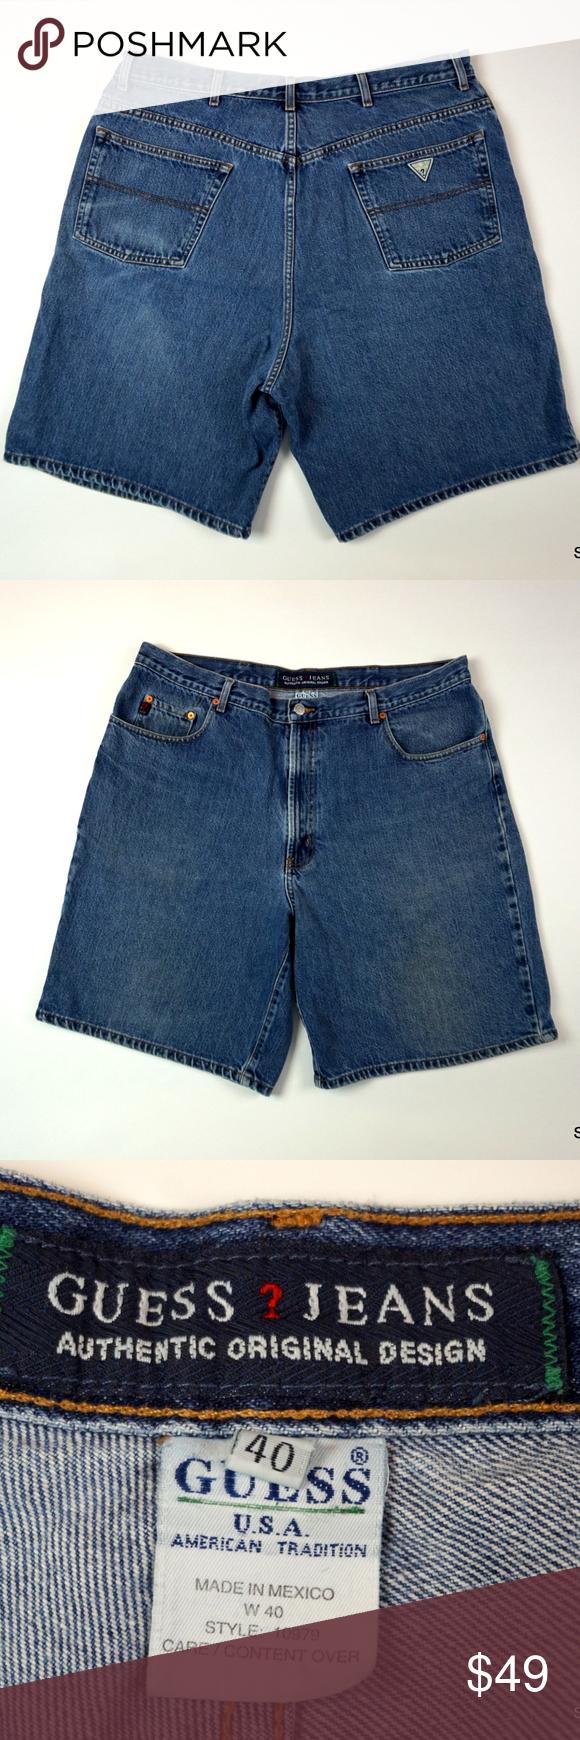 07683d83998 Vintage Men's Guess Jeans Denim Jean Shorts Sz 40 Vintage 90's Men's Guess  Jeans Denim Jean